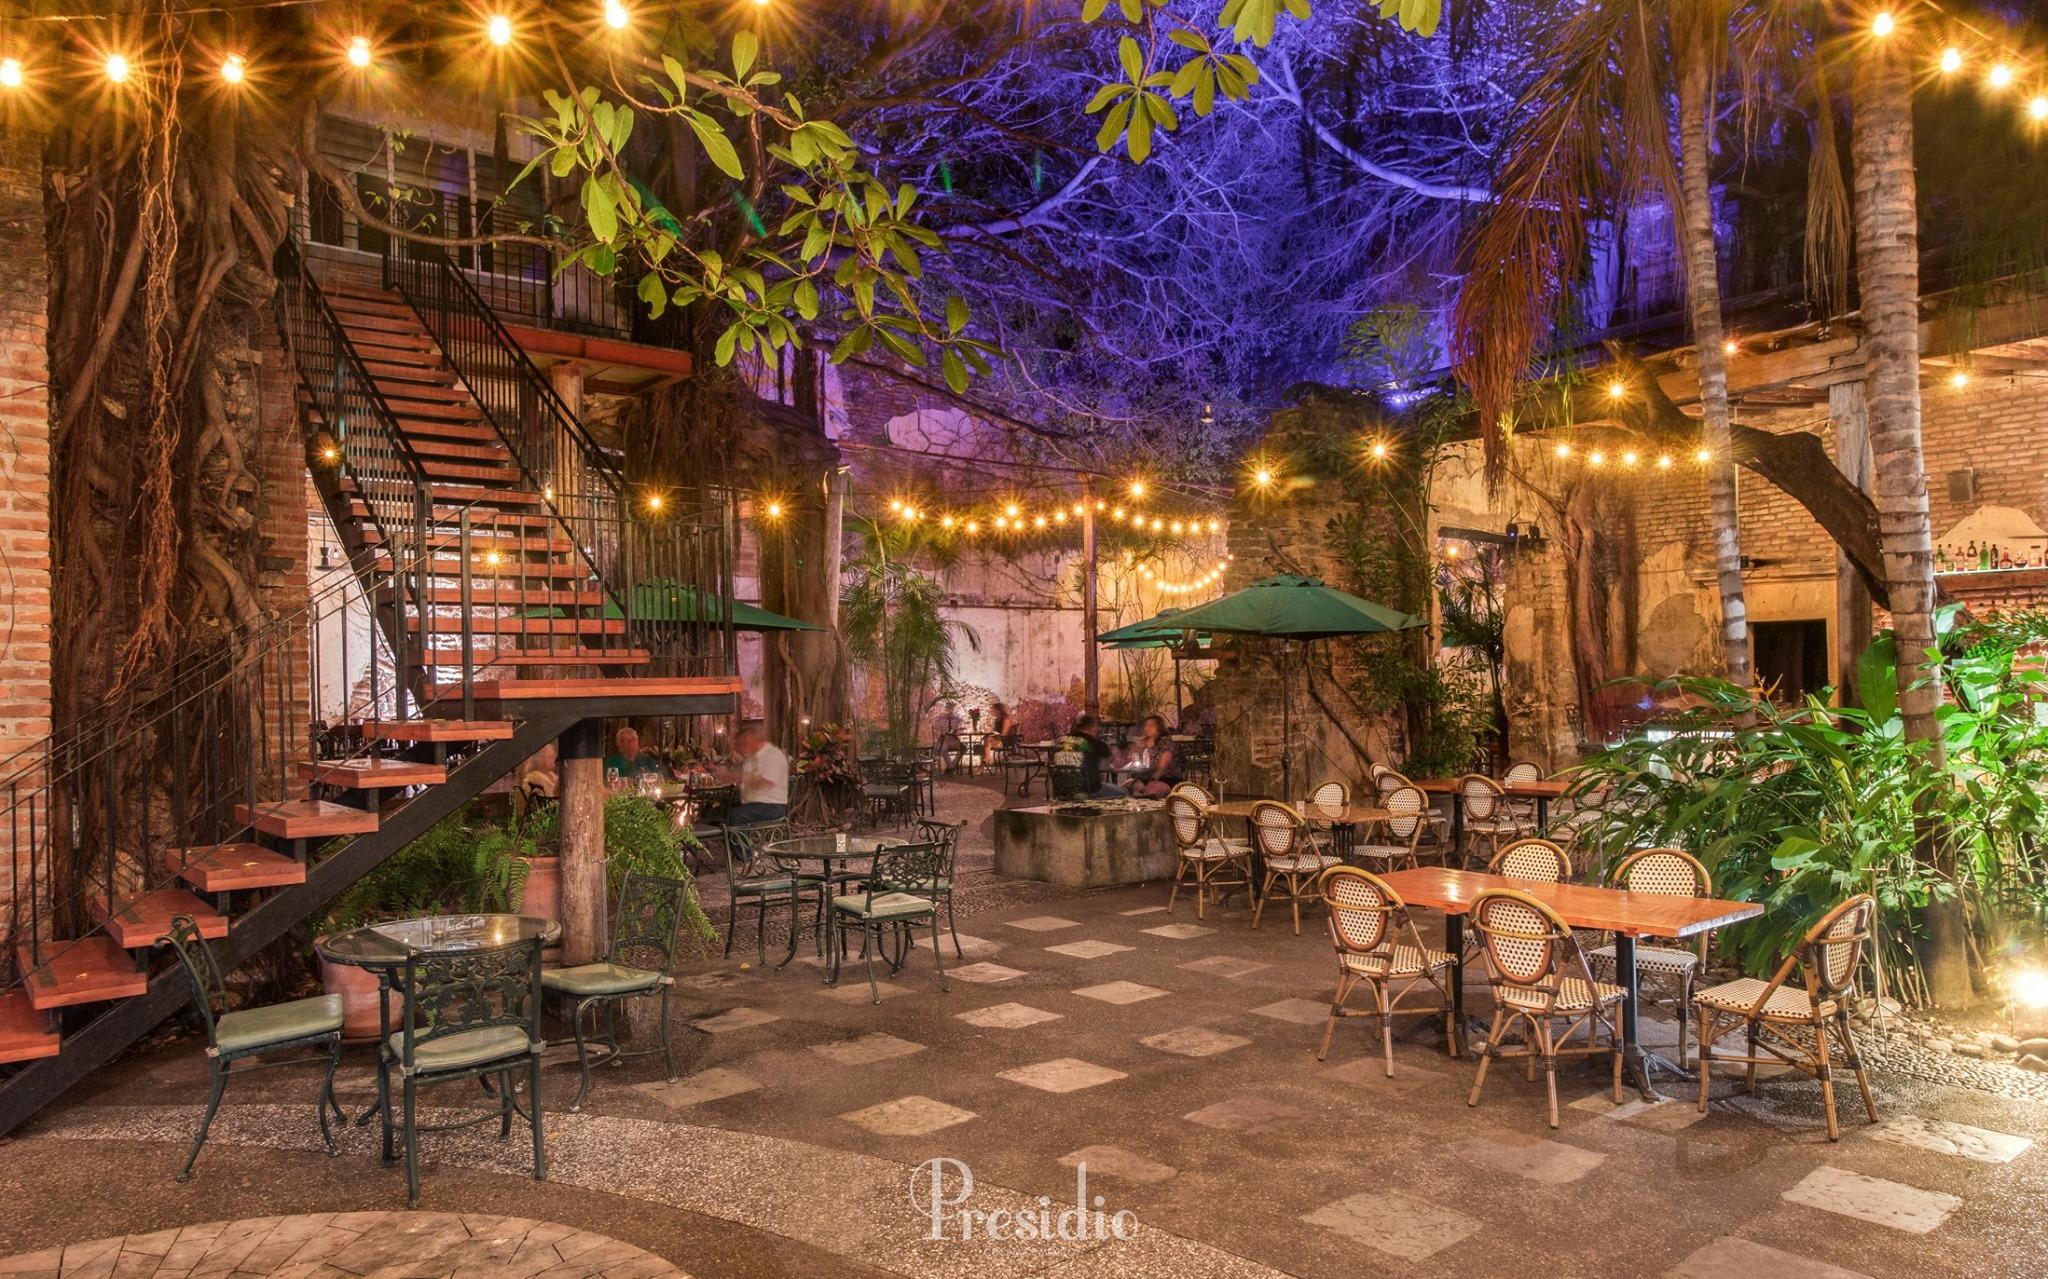 El Presidio restaurantes romanticos en mazatlan